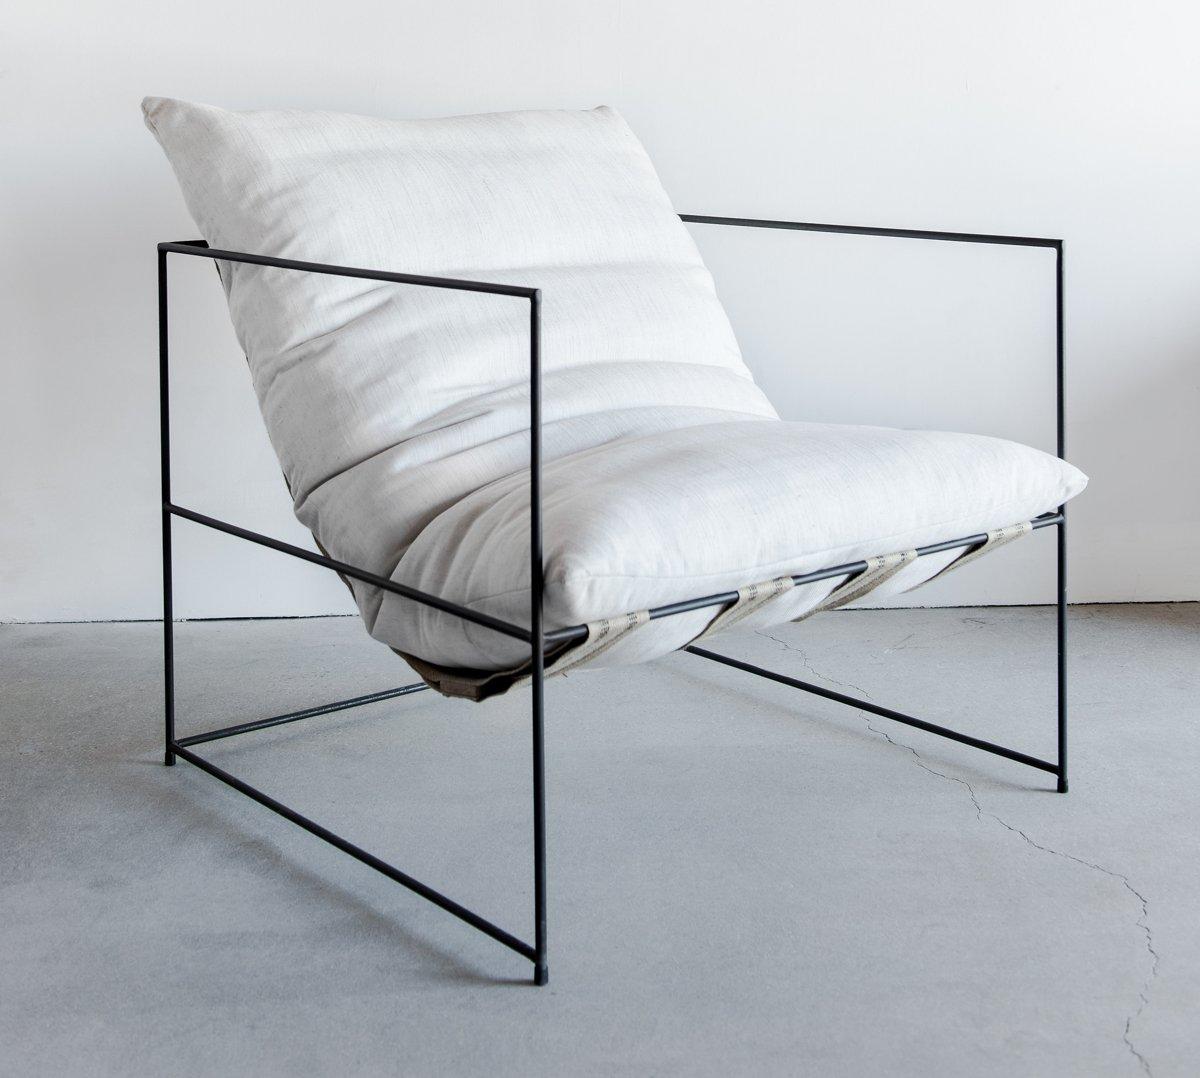 металлическое кресло